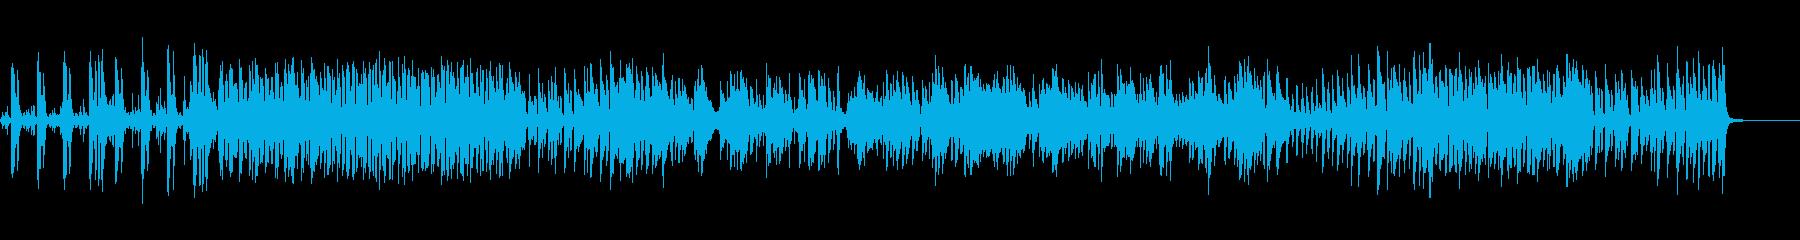 大人な雰囲気漂うジャズの再生済みの波形